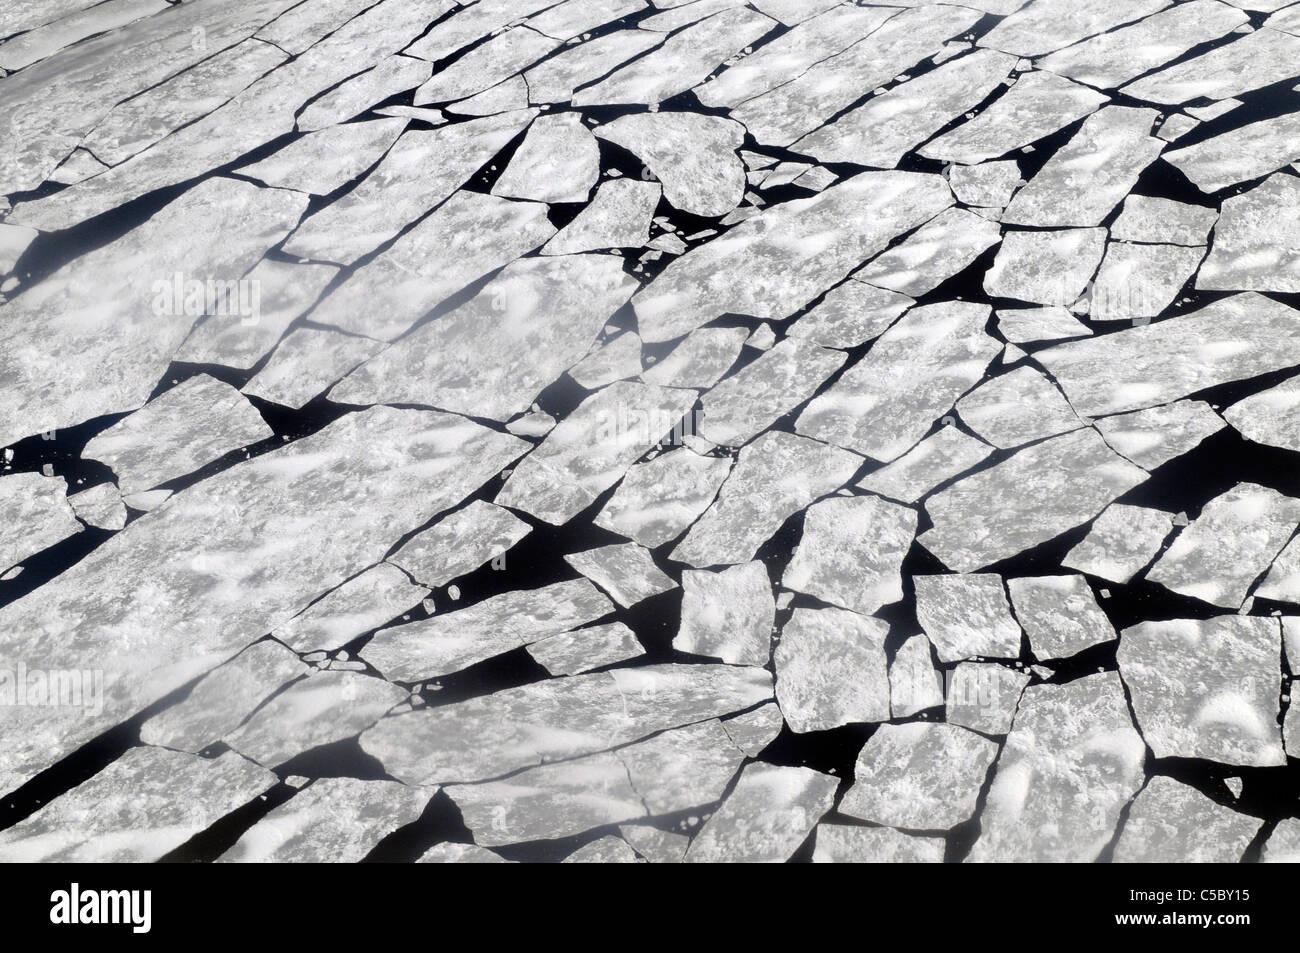 Mare di ghiaccio rottura a Baia Terra Nova Antartide Immagini Stock